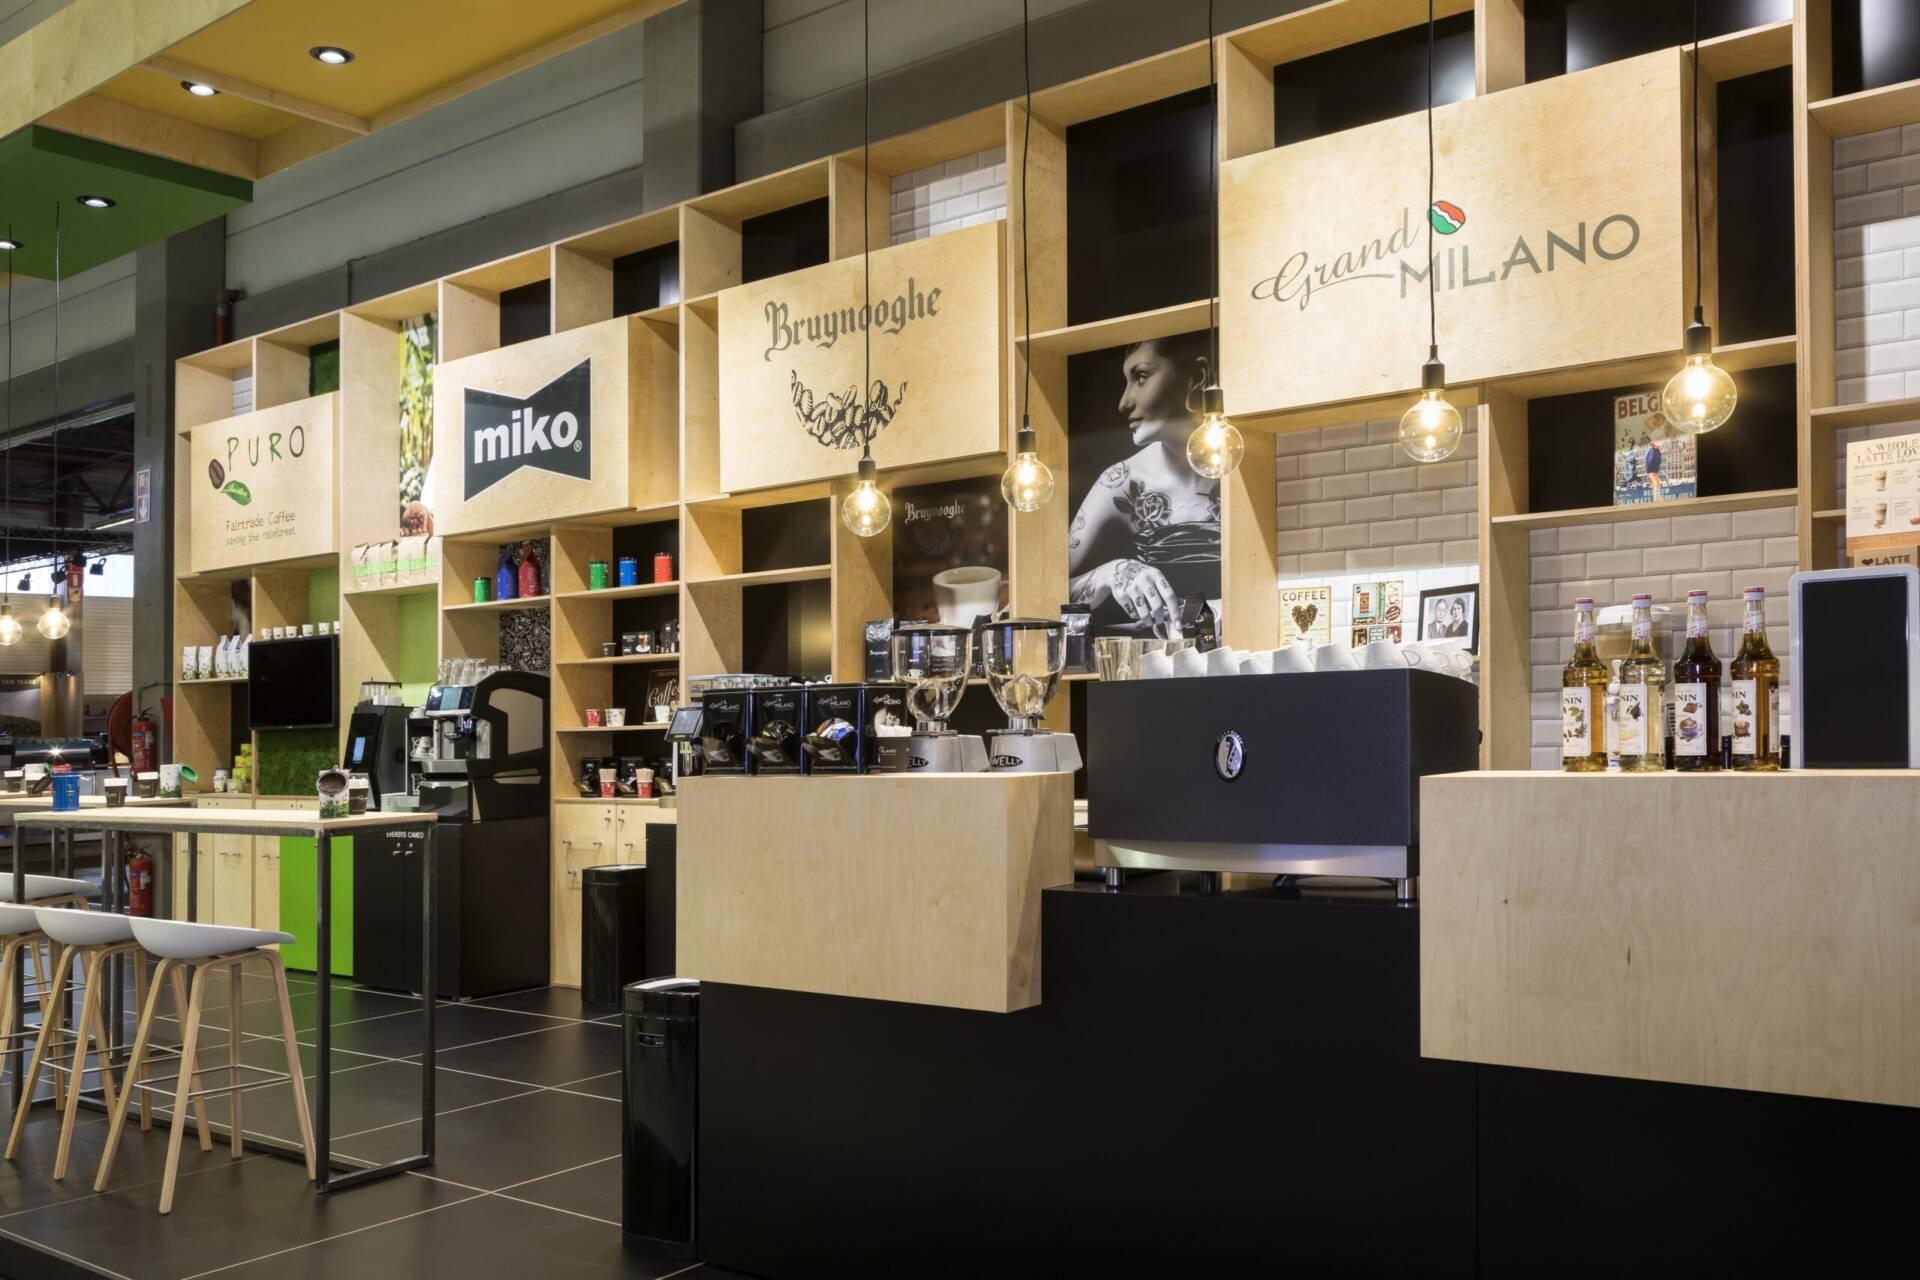 beursstand Miko koffie is een combinatie van zwart schilderdwerk en berken multiplex